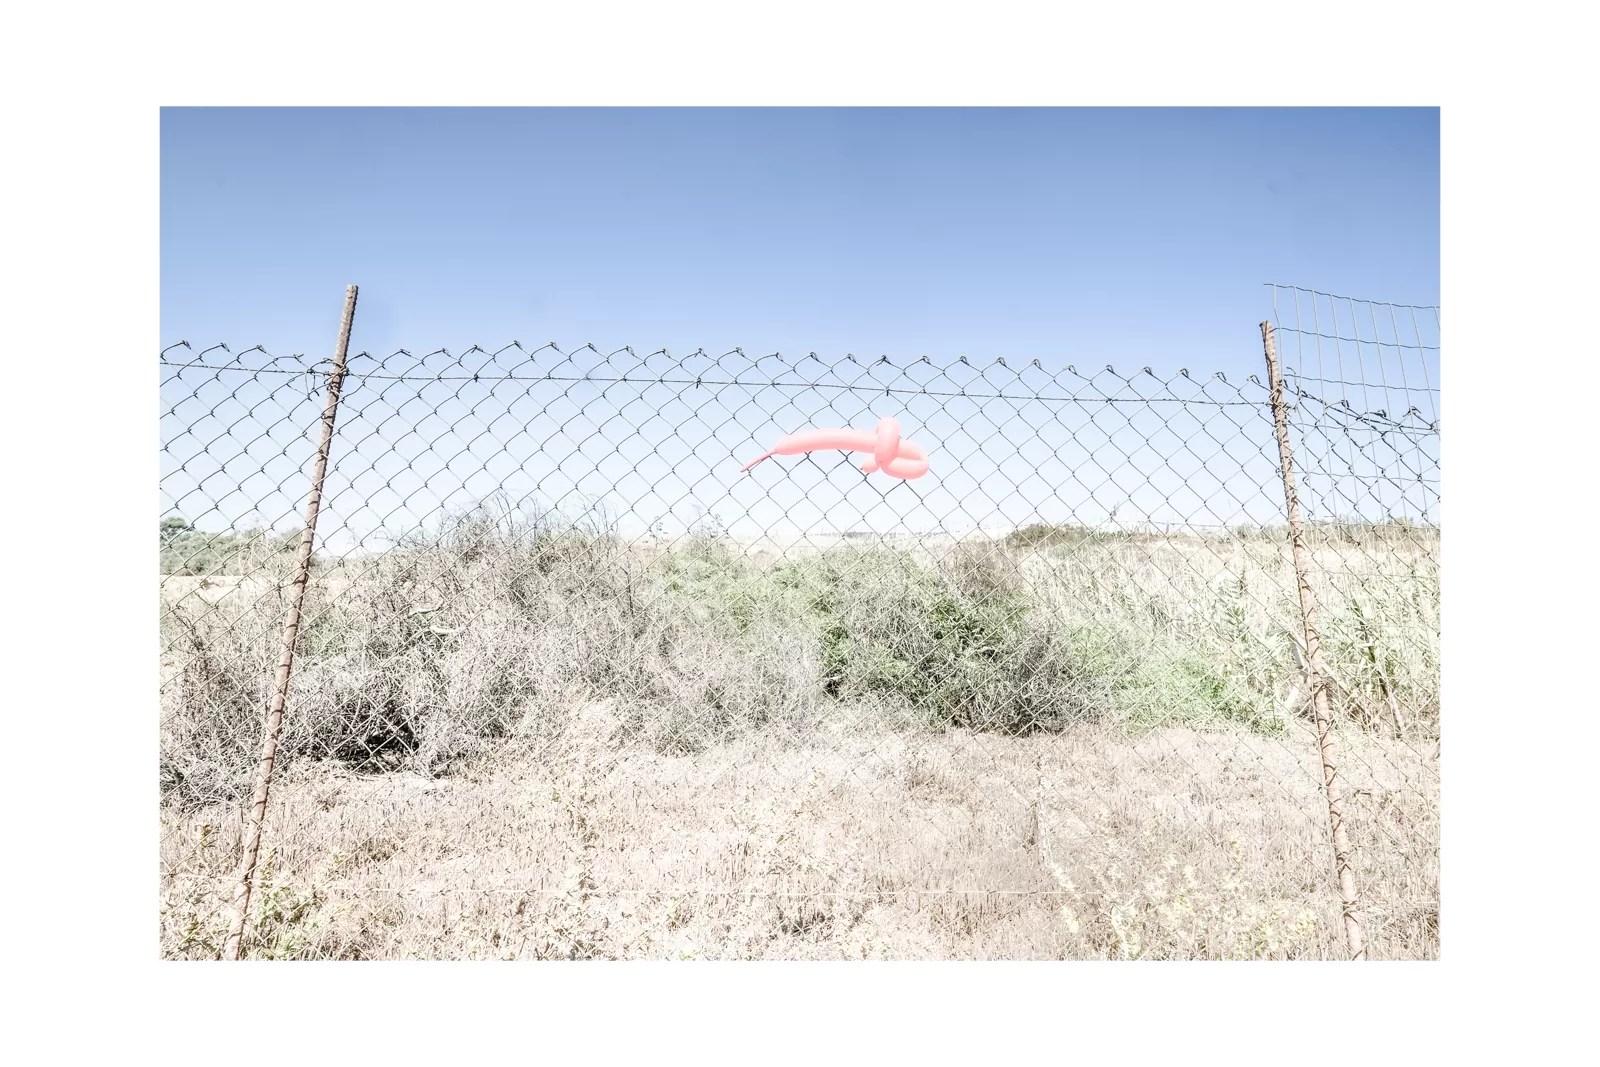 DSCF1300 - Immobili sotto il caldo sole di sicilia - fotostreet.it